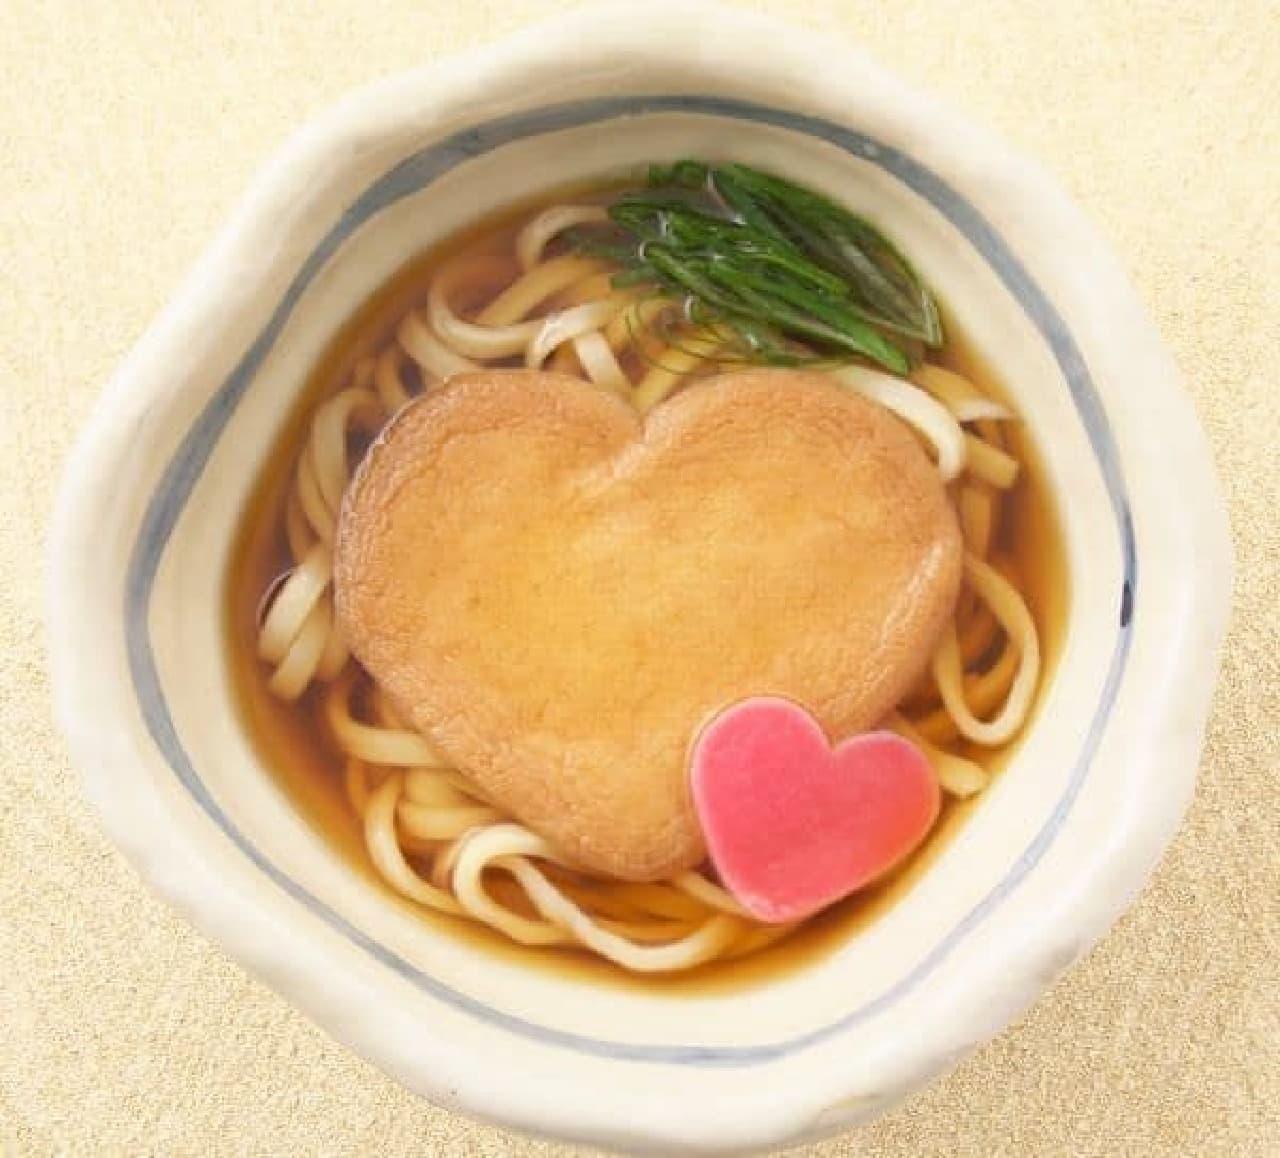 大澤屋からバレンタイン向けのうどん「LOVEきつね」